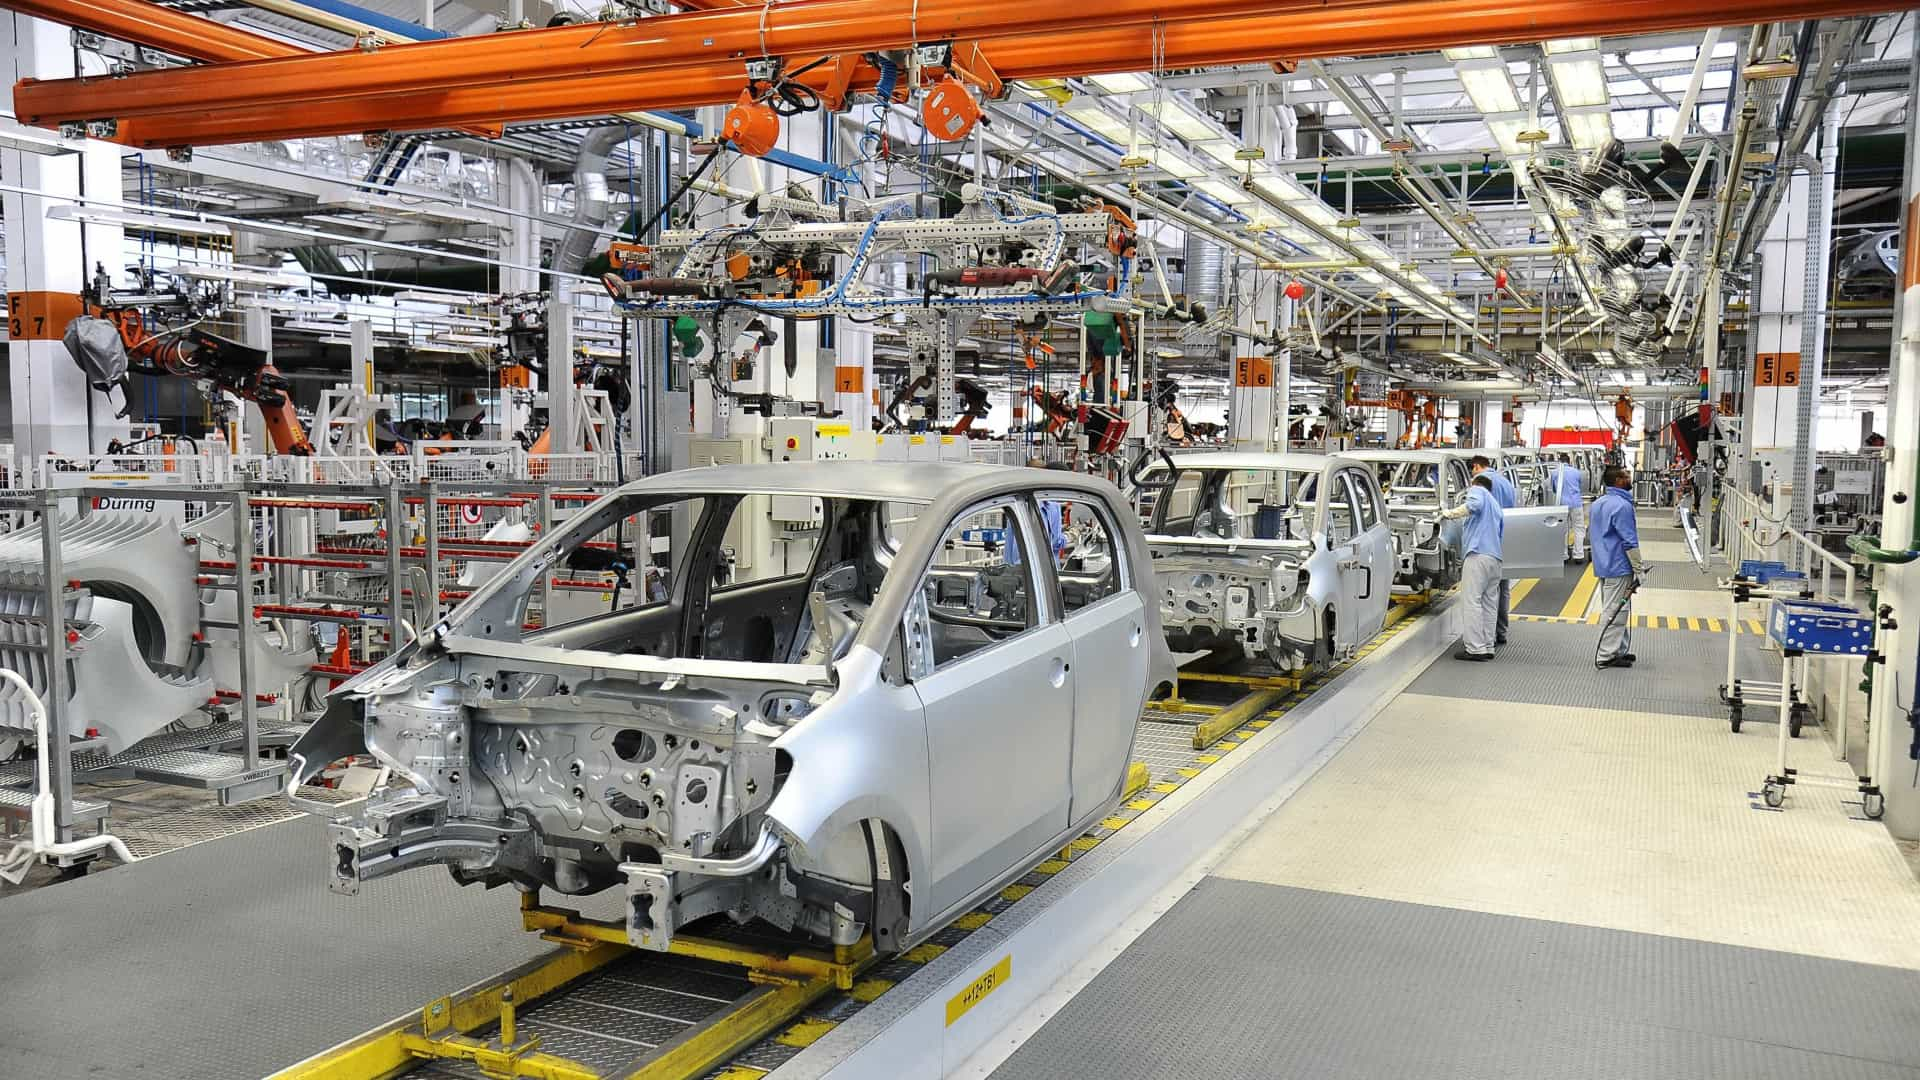 Indústria automotiva projeta alta de 11,4% nas vendas em 2019